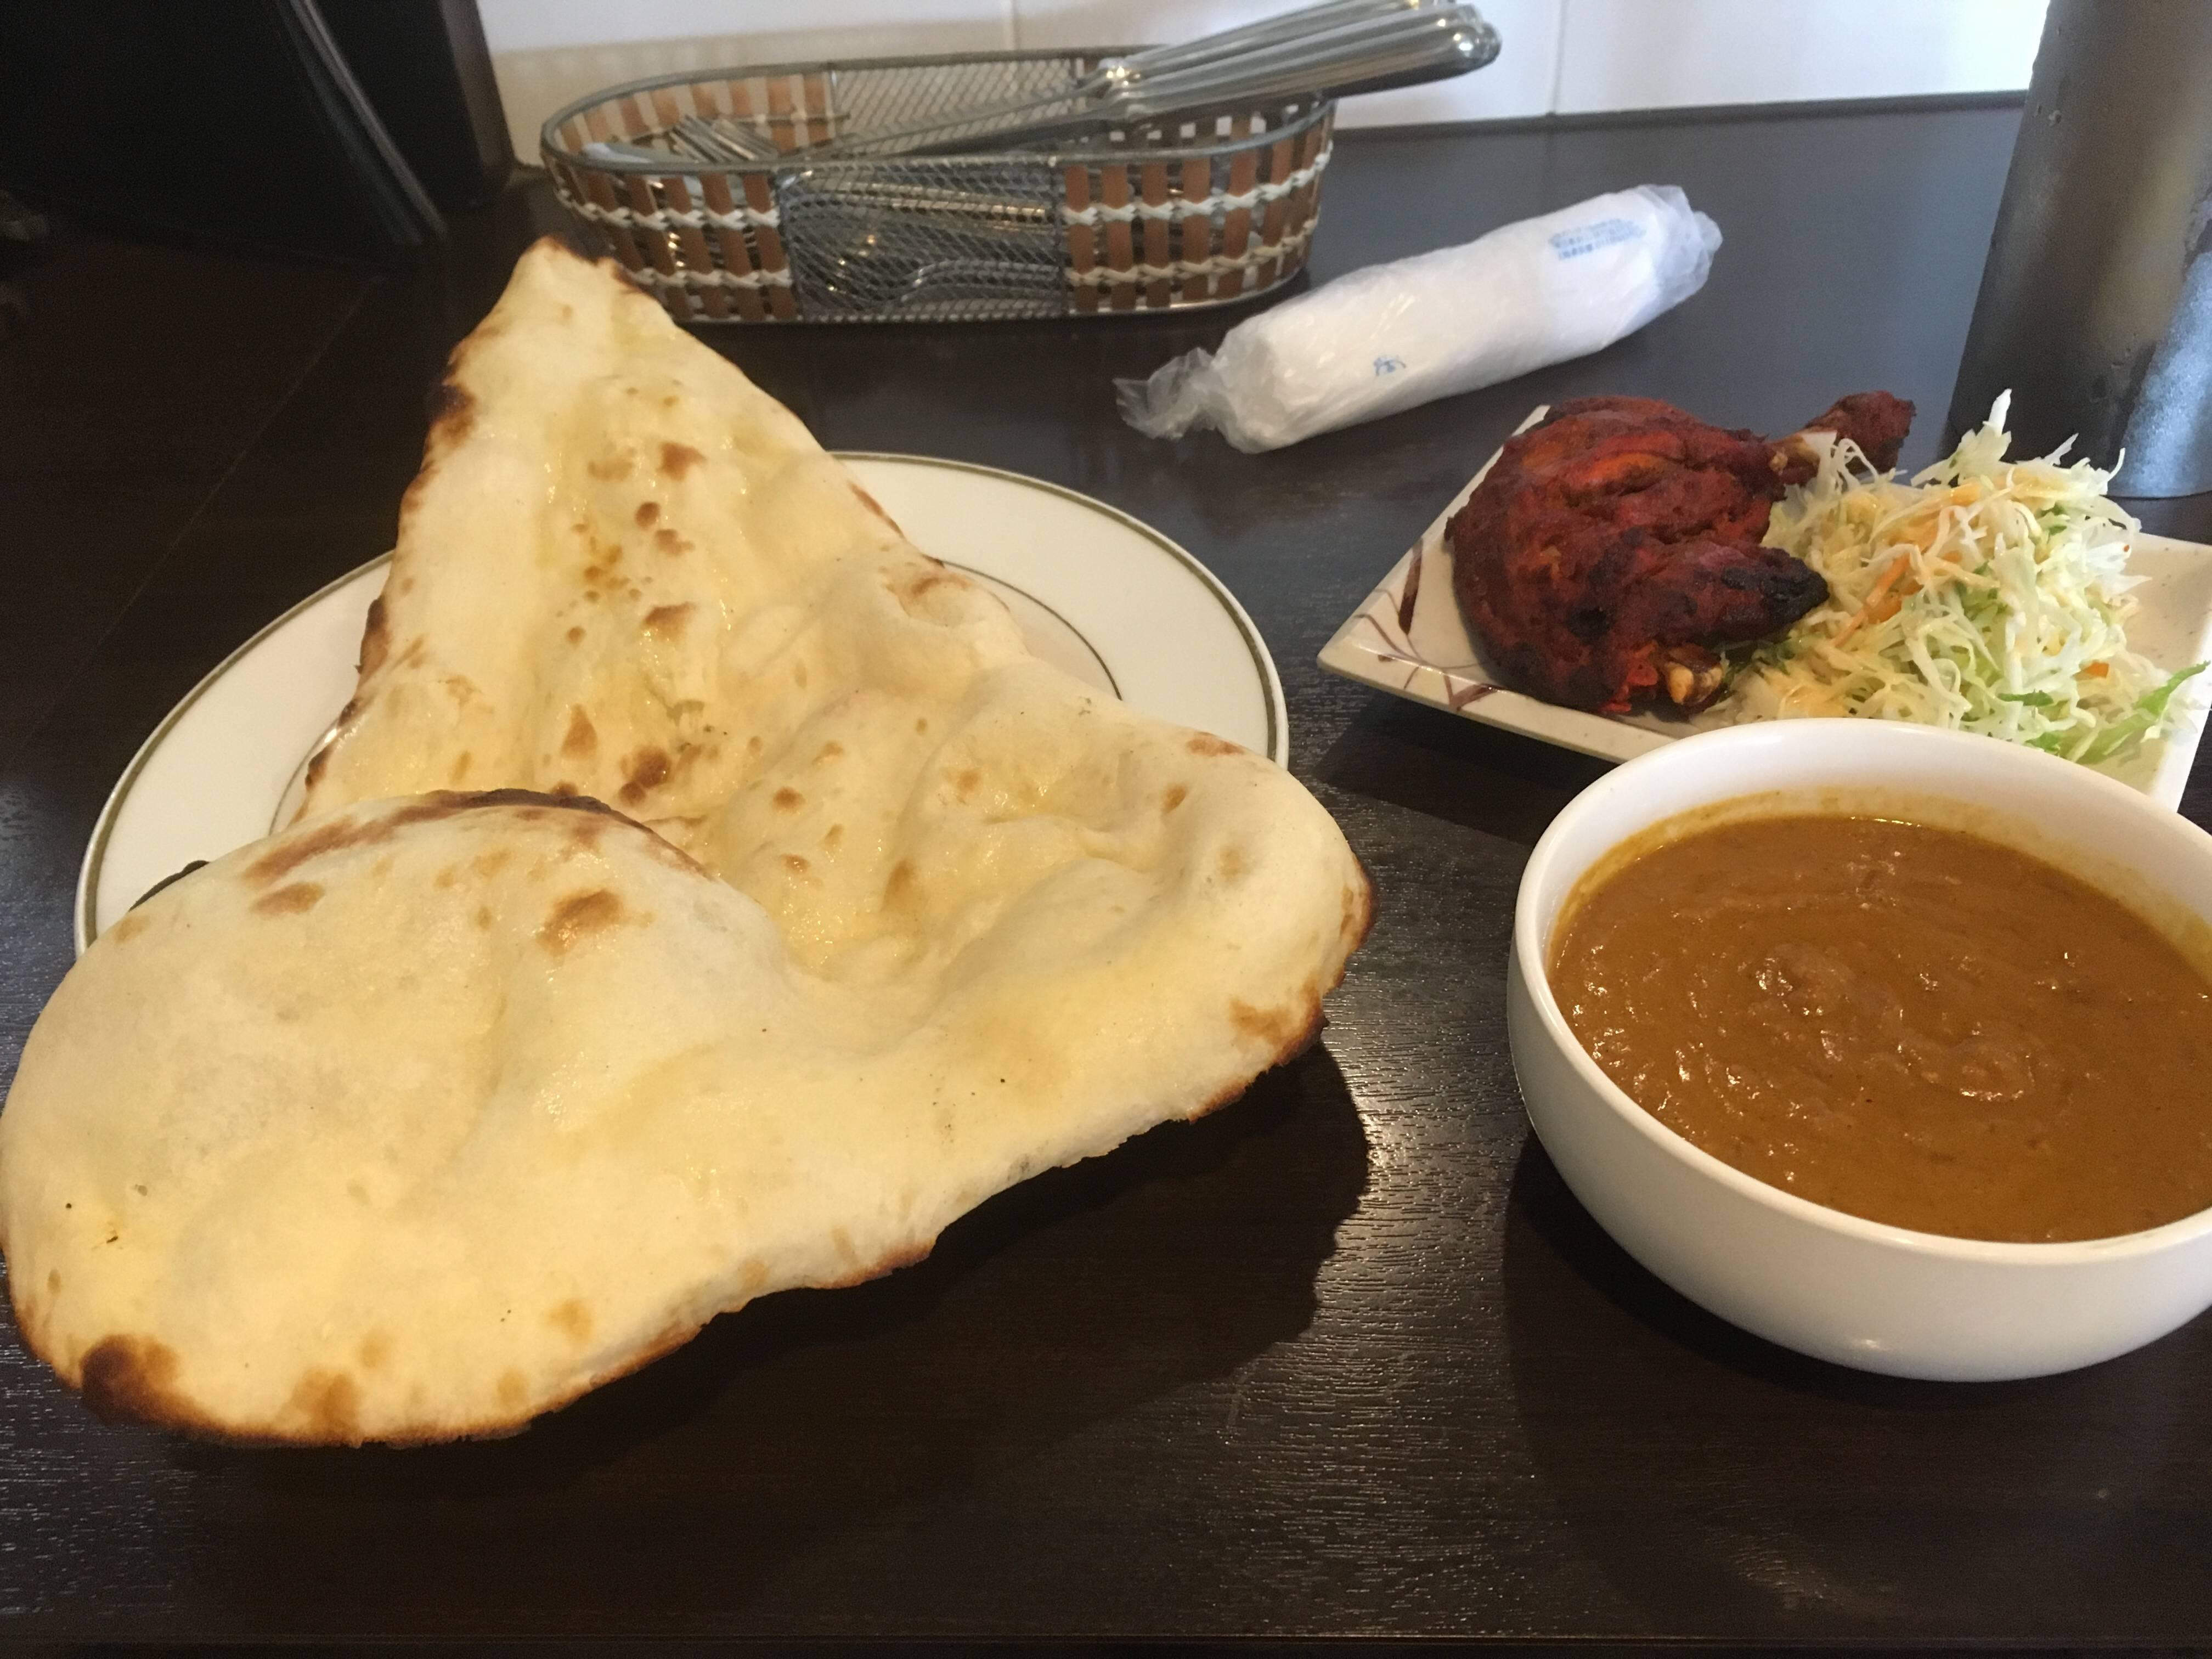 【画像】インド料理屋のナン、デカすぎる